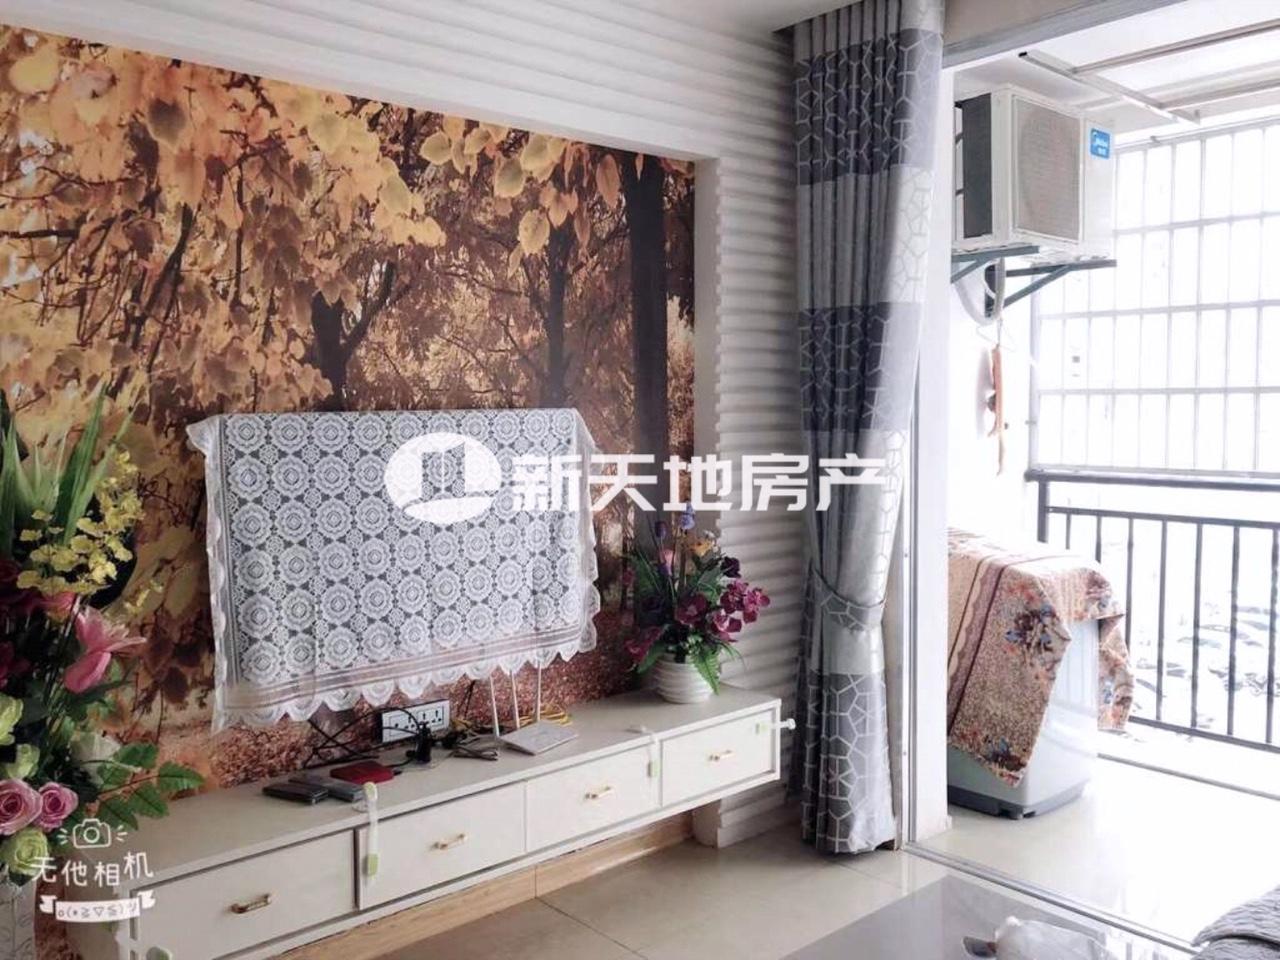 凤北雅居2室 2厅 1卫43.8万元